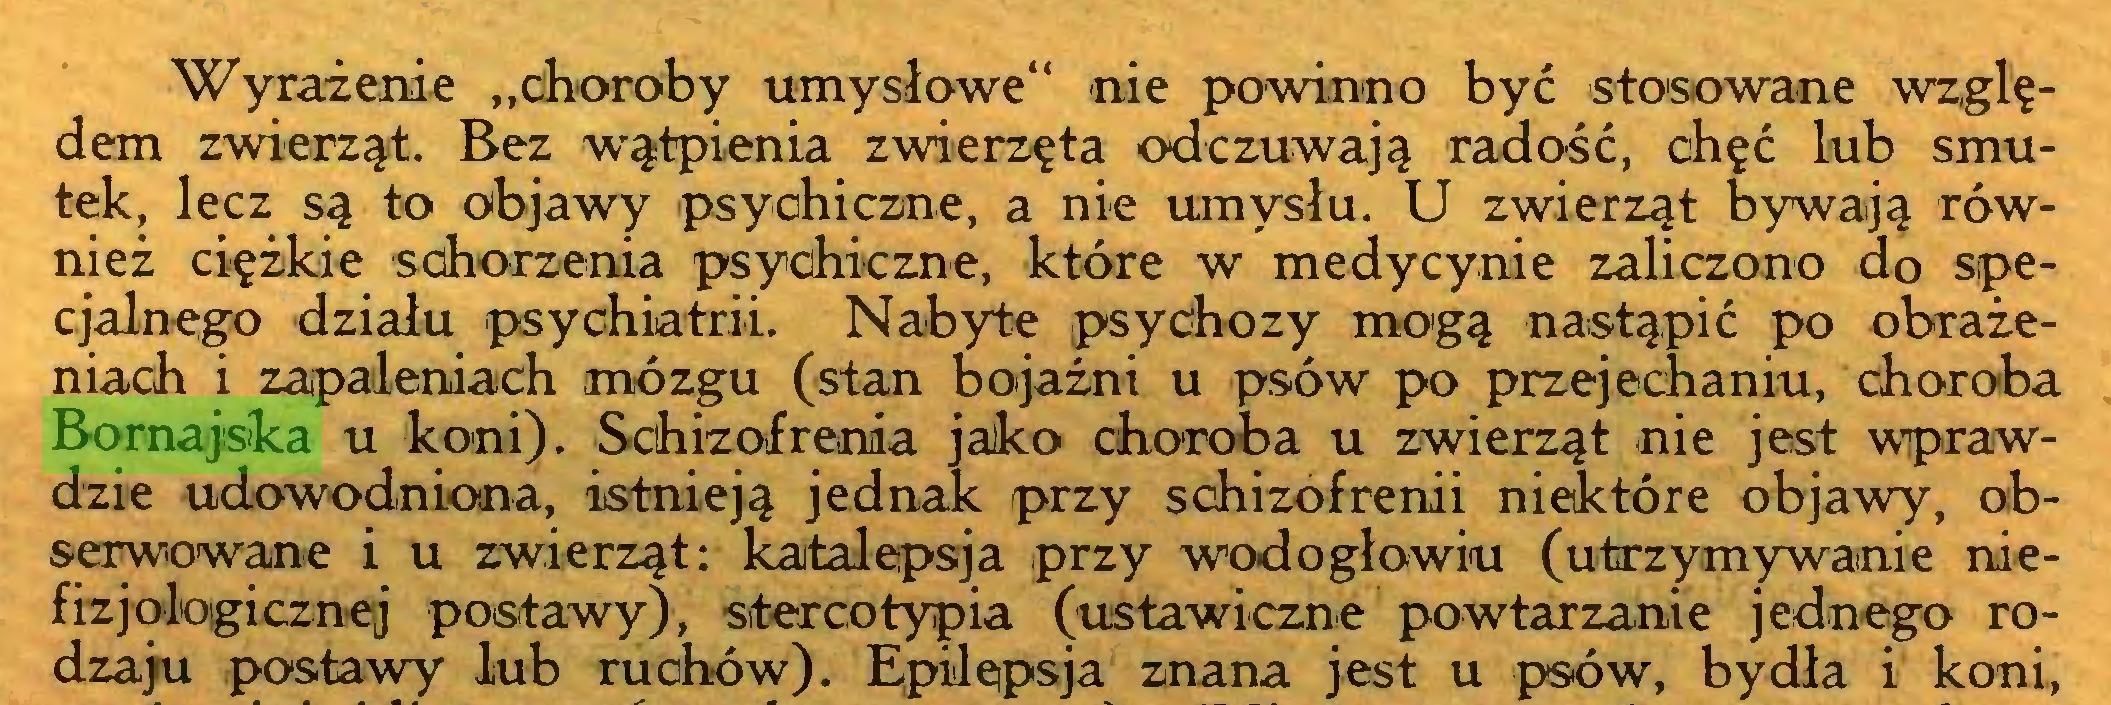 """(...) Wyrażenie """"choroby umysłowe"""" nie powinno być stosowane względem zwierząt. Bez wątpienia zwierzęta odczuwają radość, chęć lub smutek, lecz są to objawy psychiczne, a nie umysłu. U zwierząt bywają również ciężkie schorzenia psychiczne, które w medycynie zaliczono do specjalnego działu psychiatrii. Nabyte psychozy mogą nastąpić po obrażeniach i zapaleniach mózgu (stan bojaźni u psów po przejechaniu, choroba Bornajska u koni). Schizofrenia jako choroba u zwierząt nie jest wprawdzie udowodniona, istnieją jednak przy schizofrenii niektóre objawy, obserwowane i u zwierząt: katalepsja przy wodogłowiu (utrzymywanie niefizjologicznej postawy), stereotypia (ustawiczne powtarzanie jednego rodzaju postawy lub ruchów). Epilepsja znana jest u psów, bydła i koni,..."""